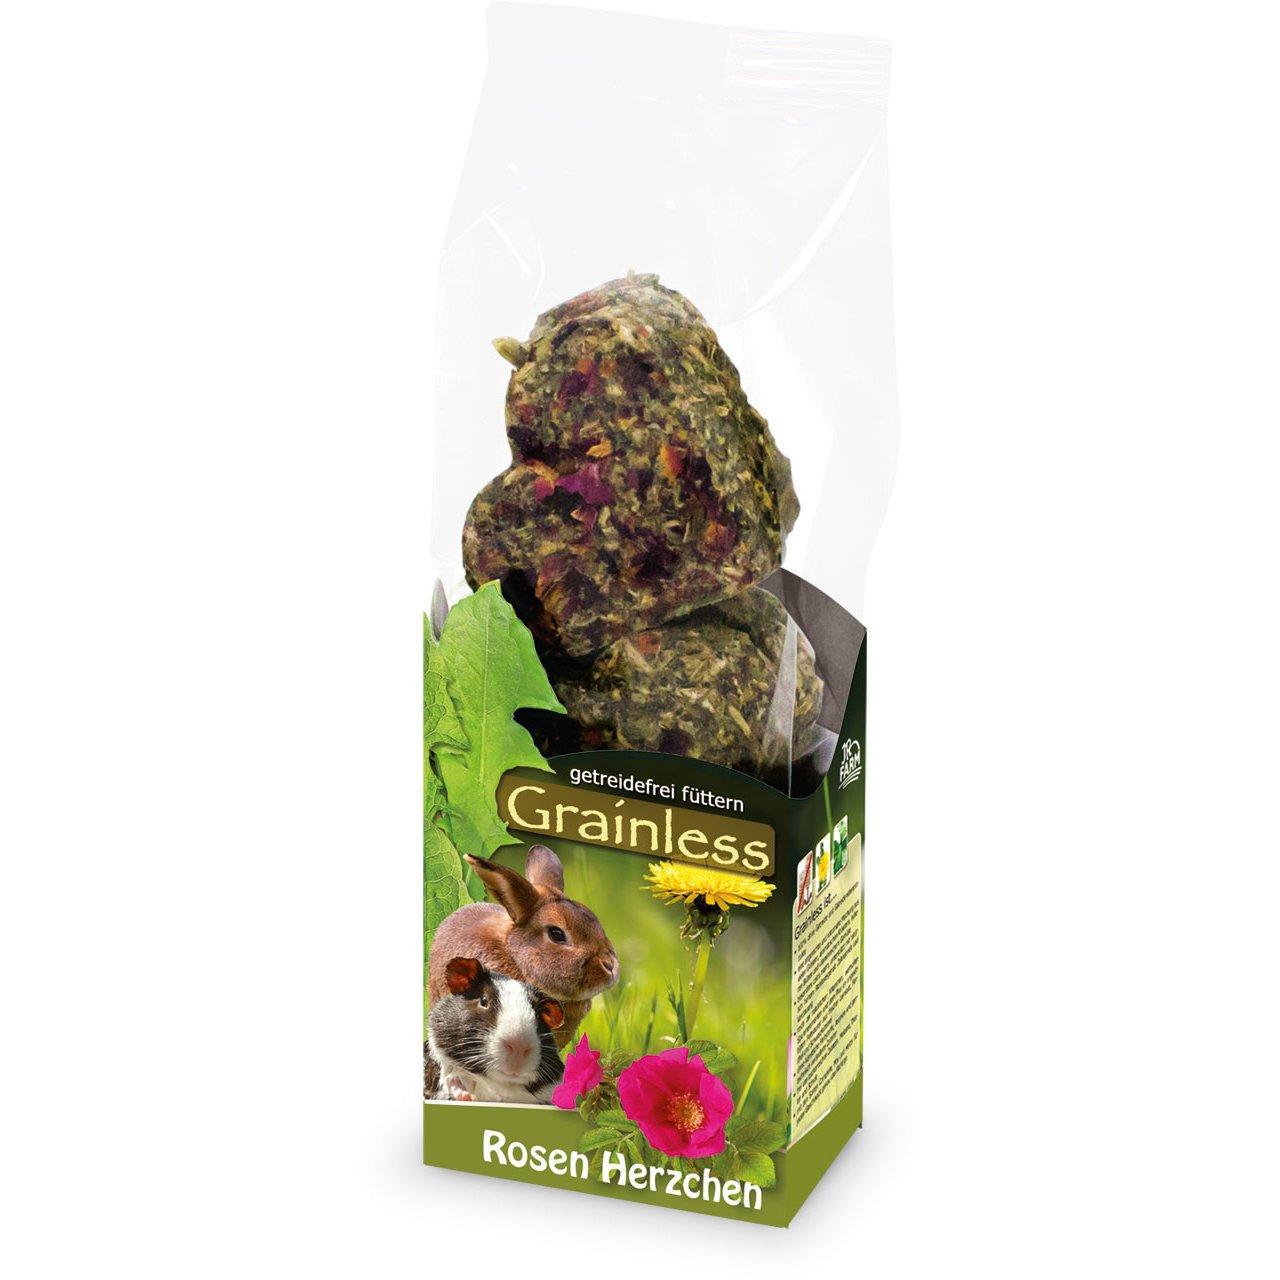 JR Farm Grainless Blumen Herzchen, Rosen Herzchen, 105 g